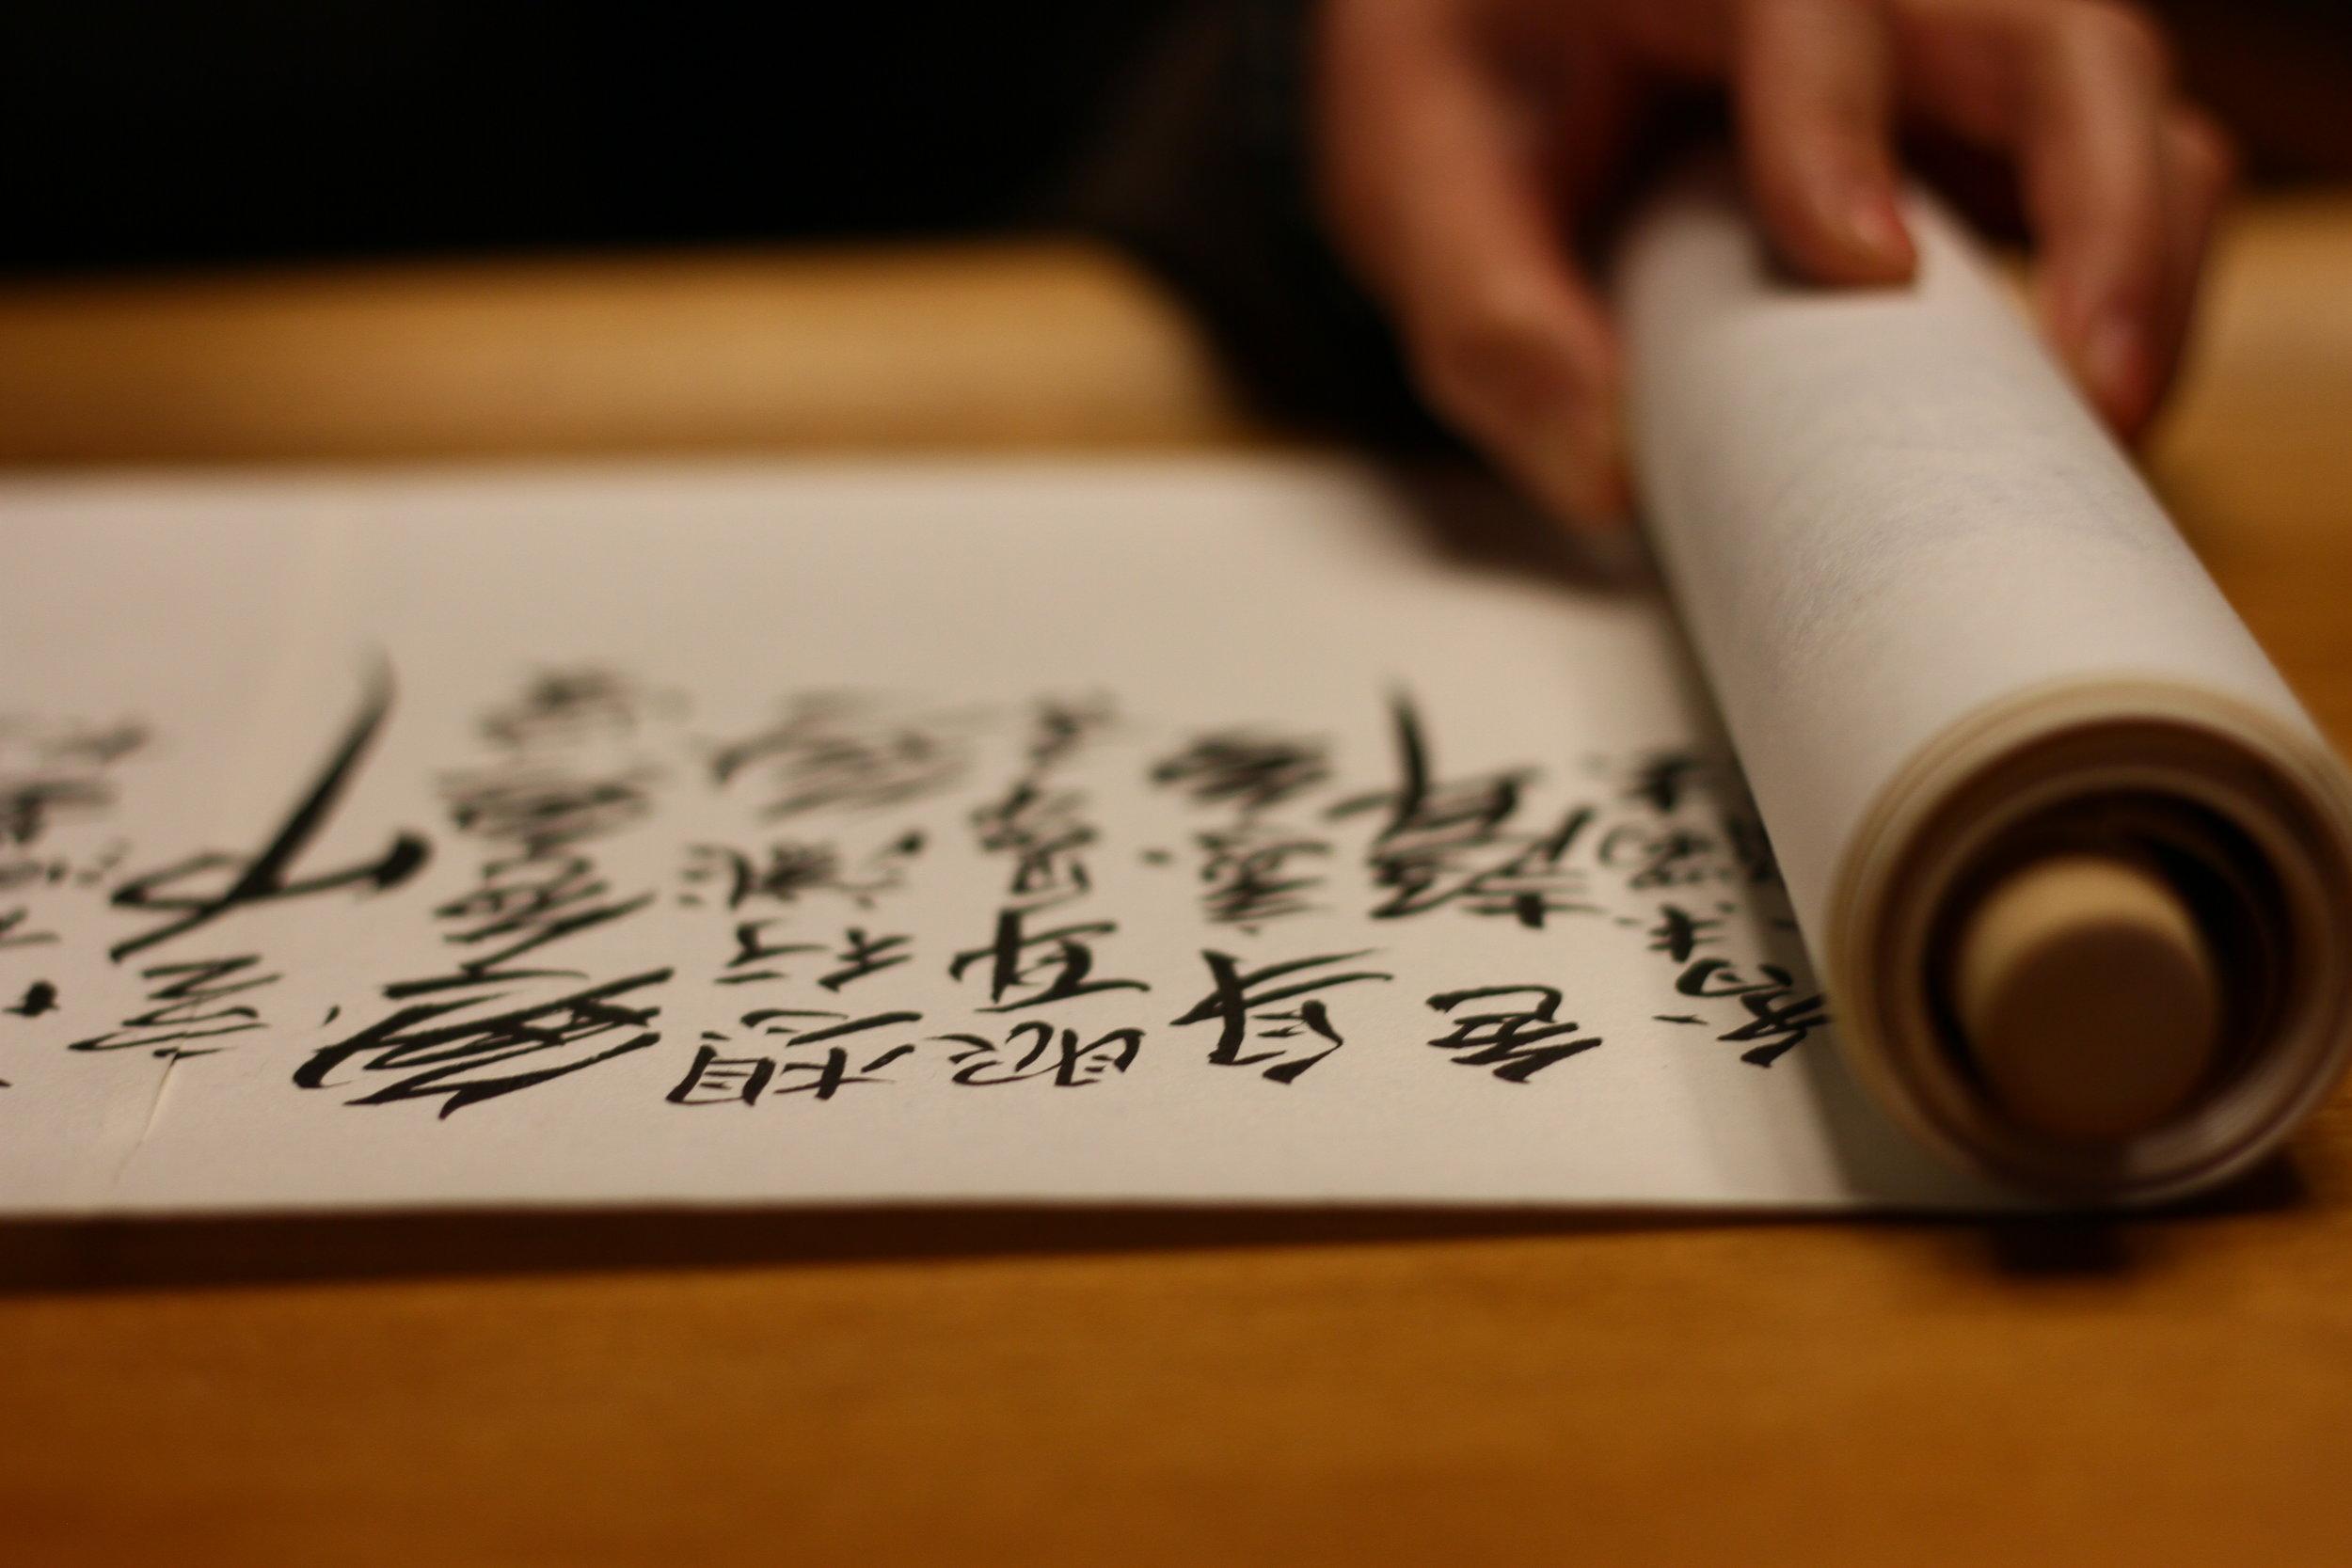 六、心經長卷 如河湧海   奚淞以累積臨寫《集字聖教序》末段《心經》數十年的筆墨素養,一氣呵成寫成《心經長卷》。我們不只欣賞到行草書法之美,長卷的書寫也展現了奚淞多年來禪修的心路歷程。